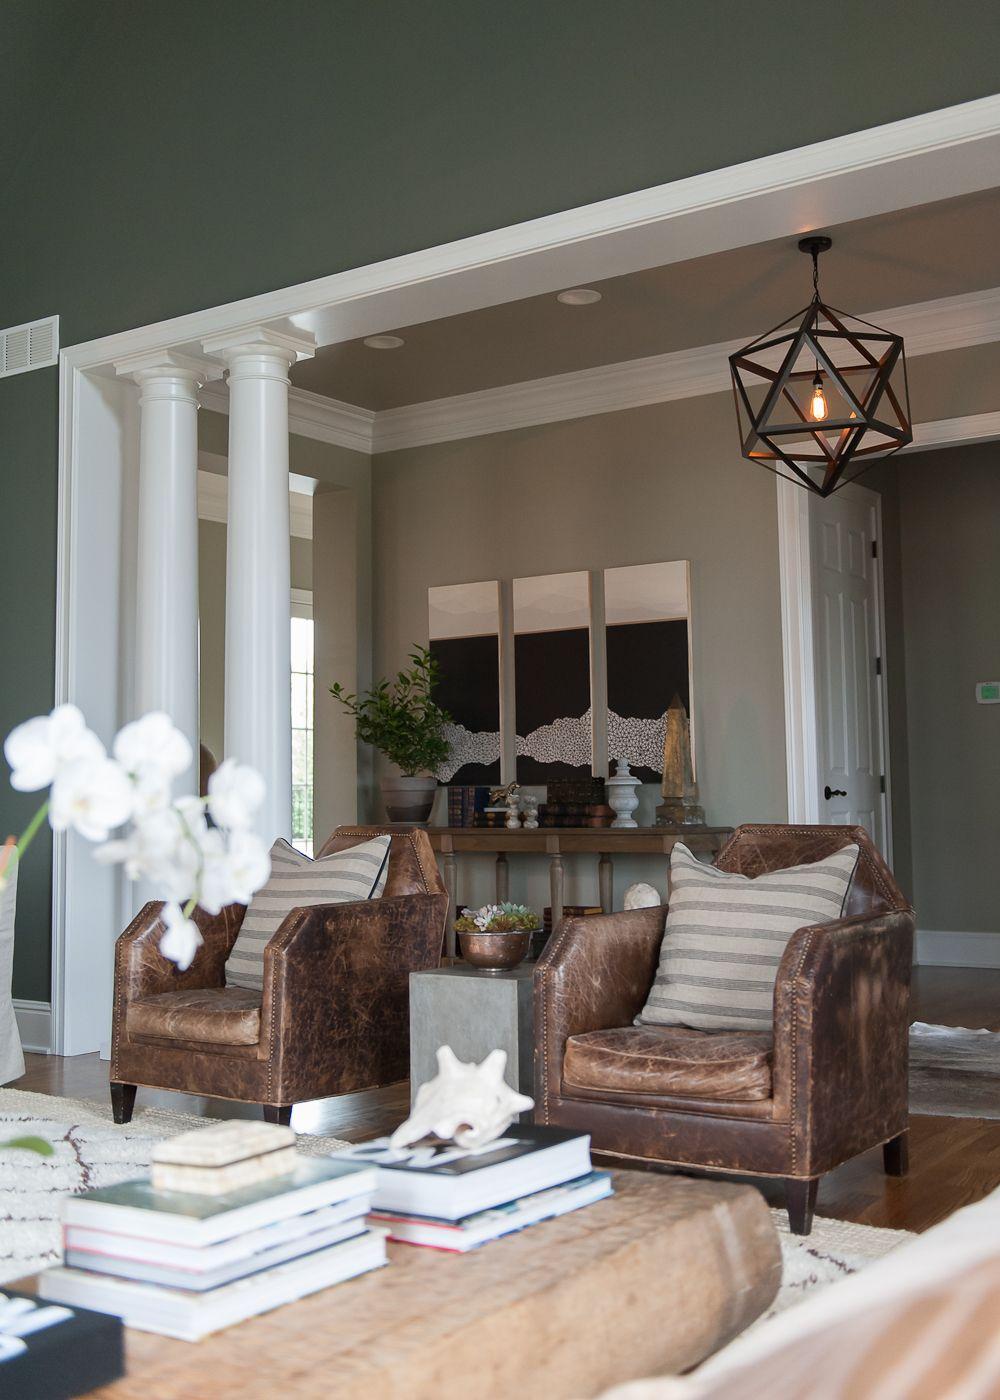 offener raum; bogen; sessel; weißer rahmen | home & decor ...